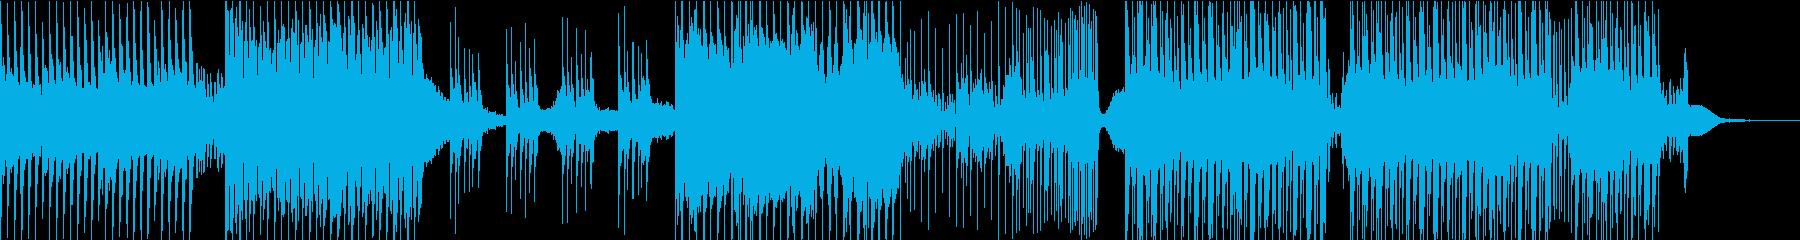 情緒あるフューチャーバウンスの再生済みの波形